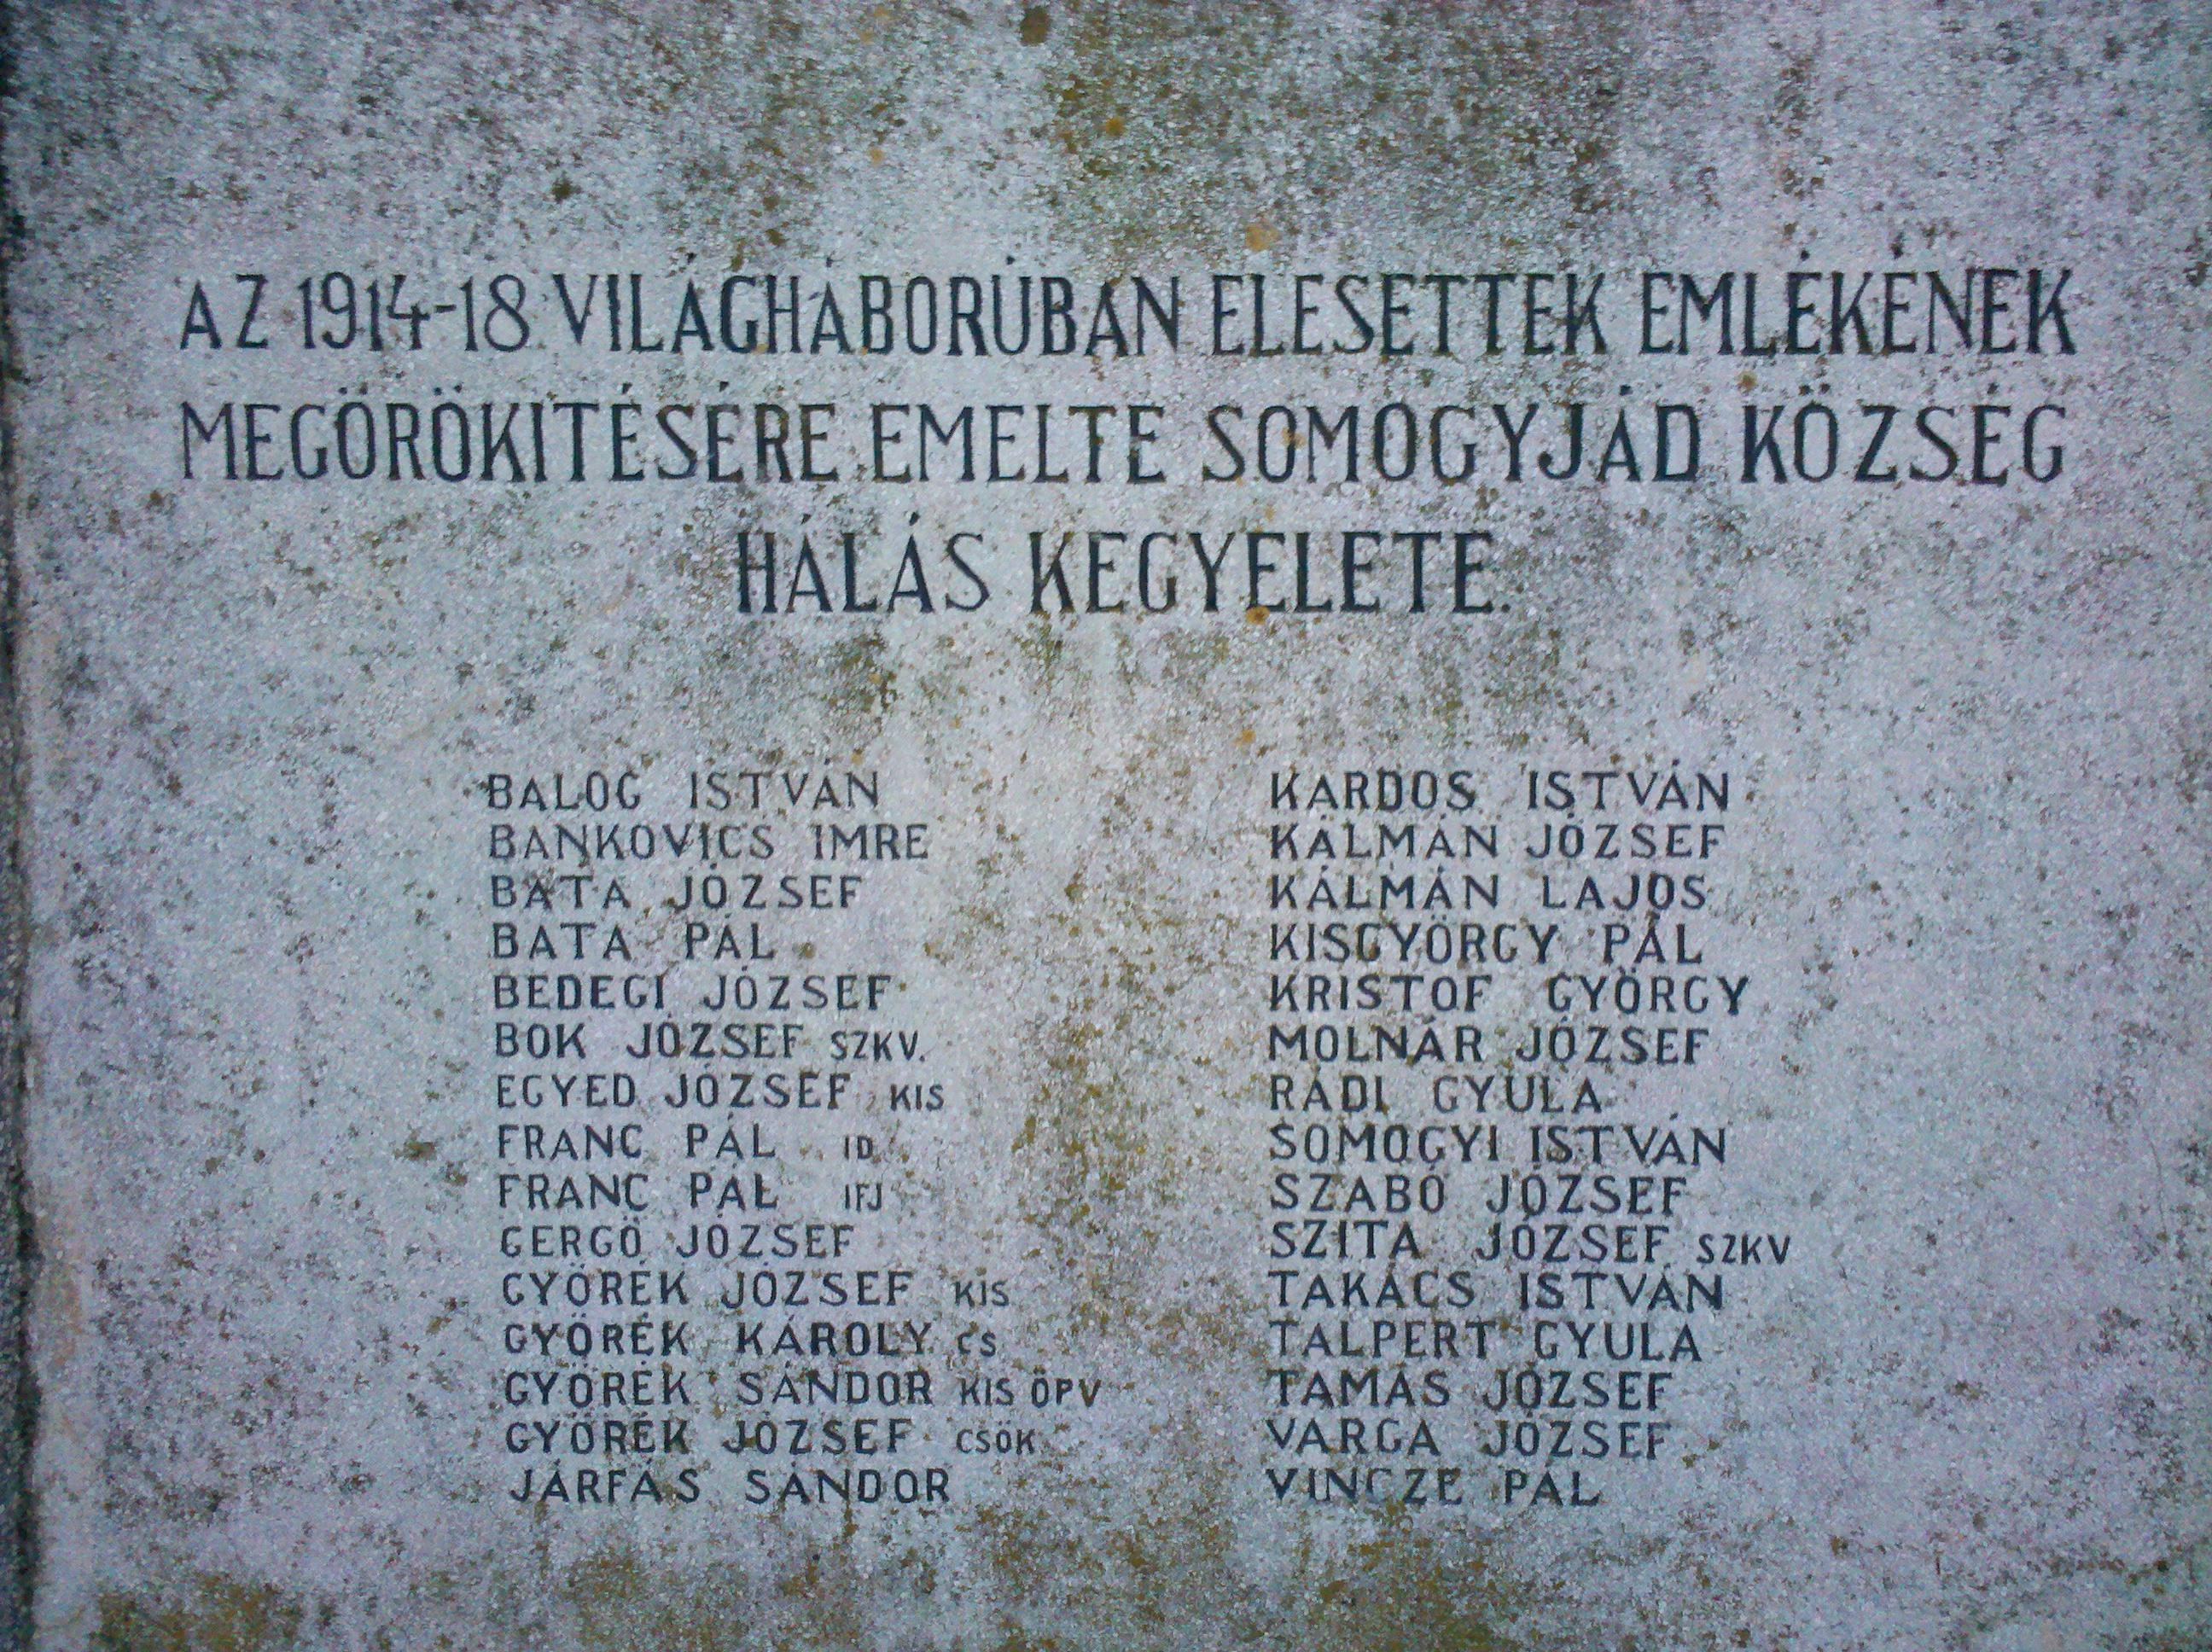 hosi_halottak_nevsora_a_somogyjadi_i_vilaghaborus_emlekmuvon_somogyjad_kalvin_janos_utca.jpg